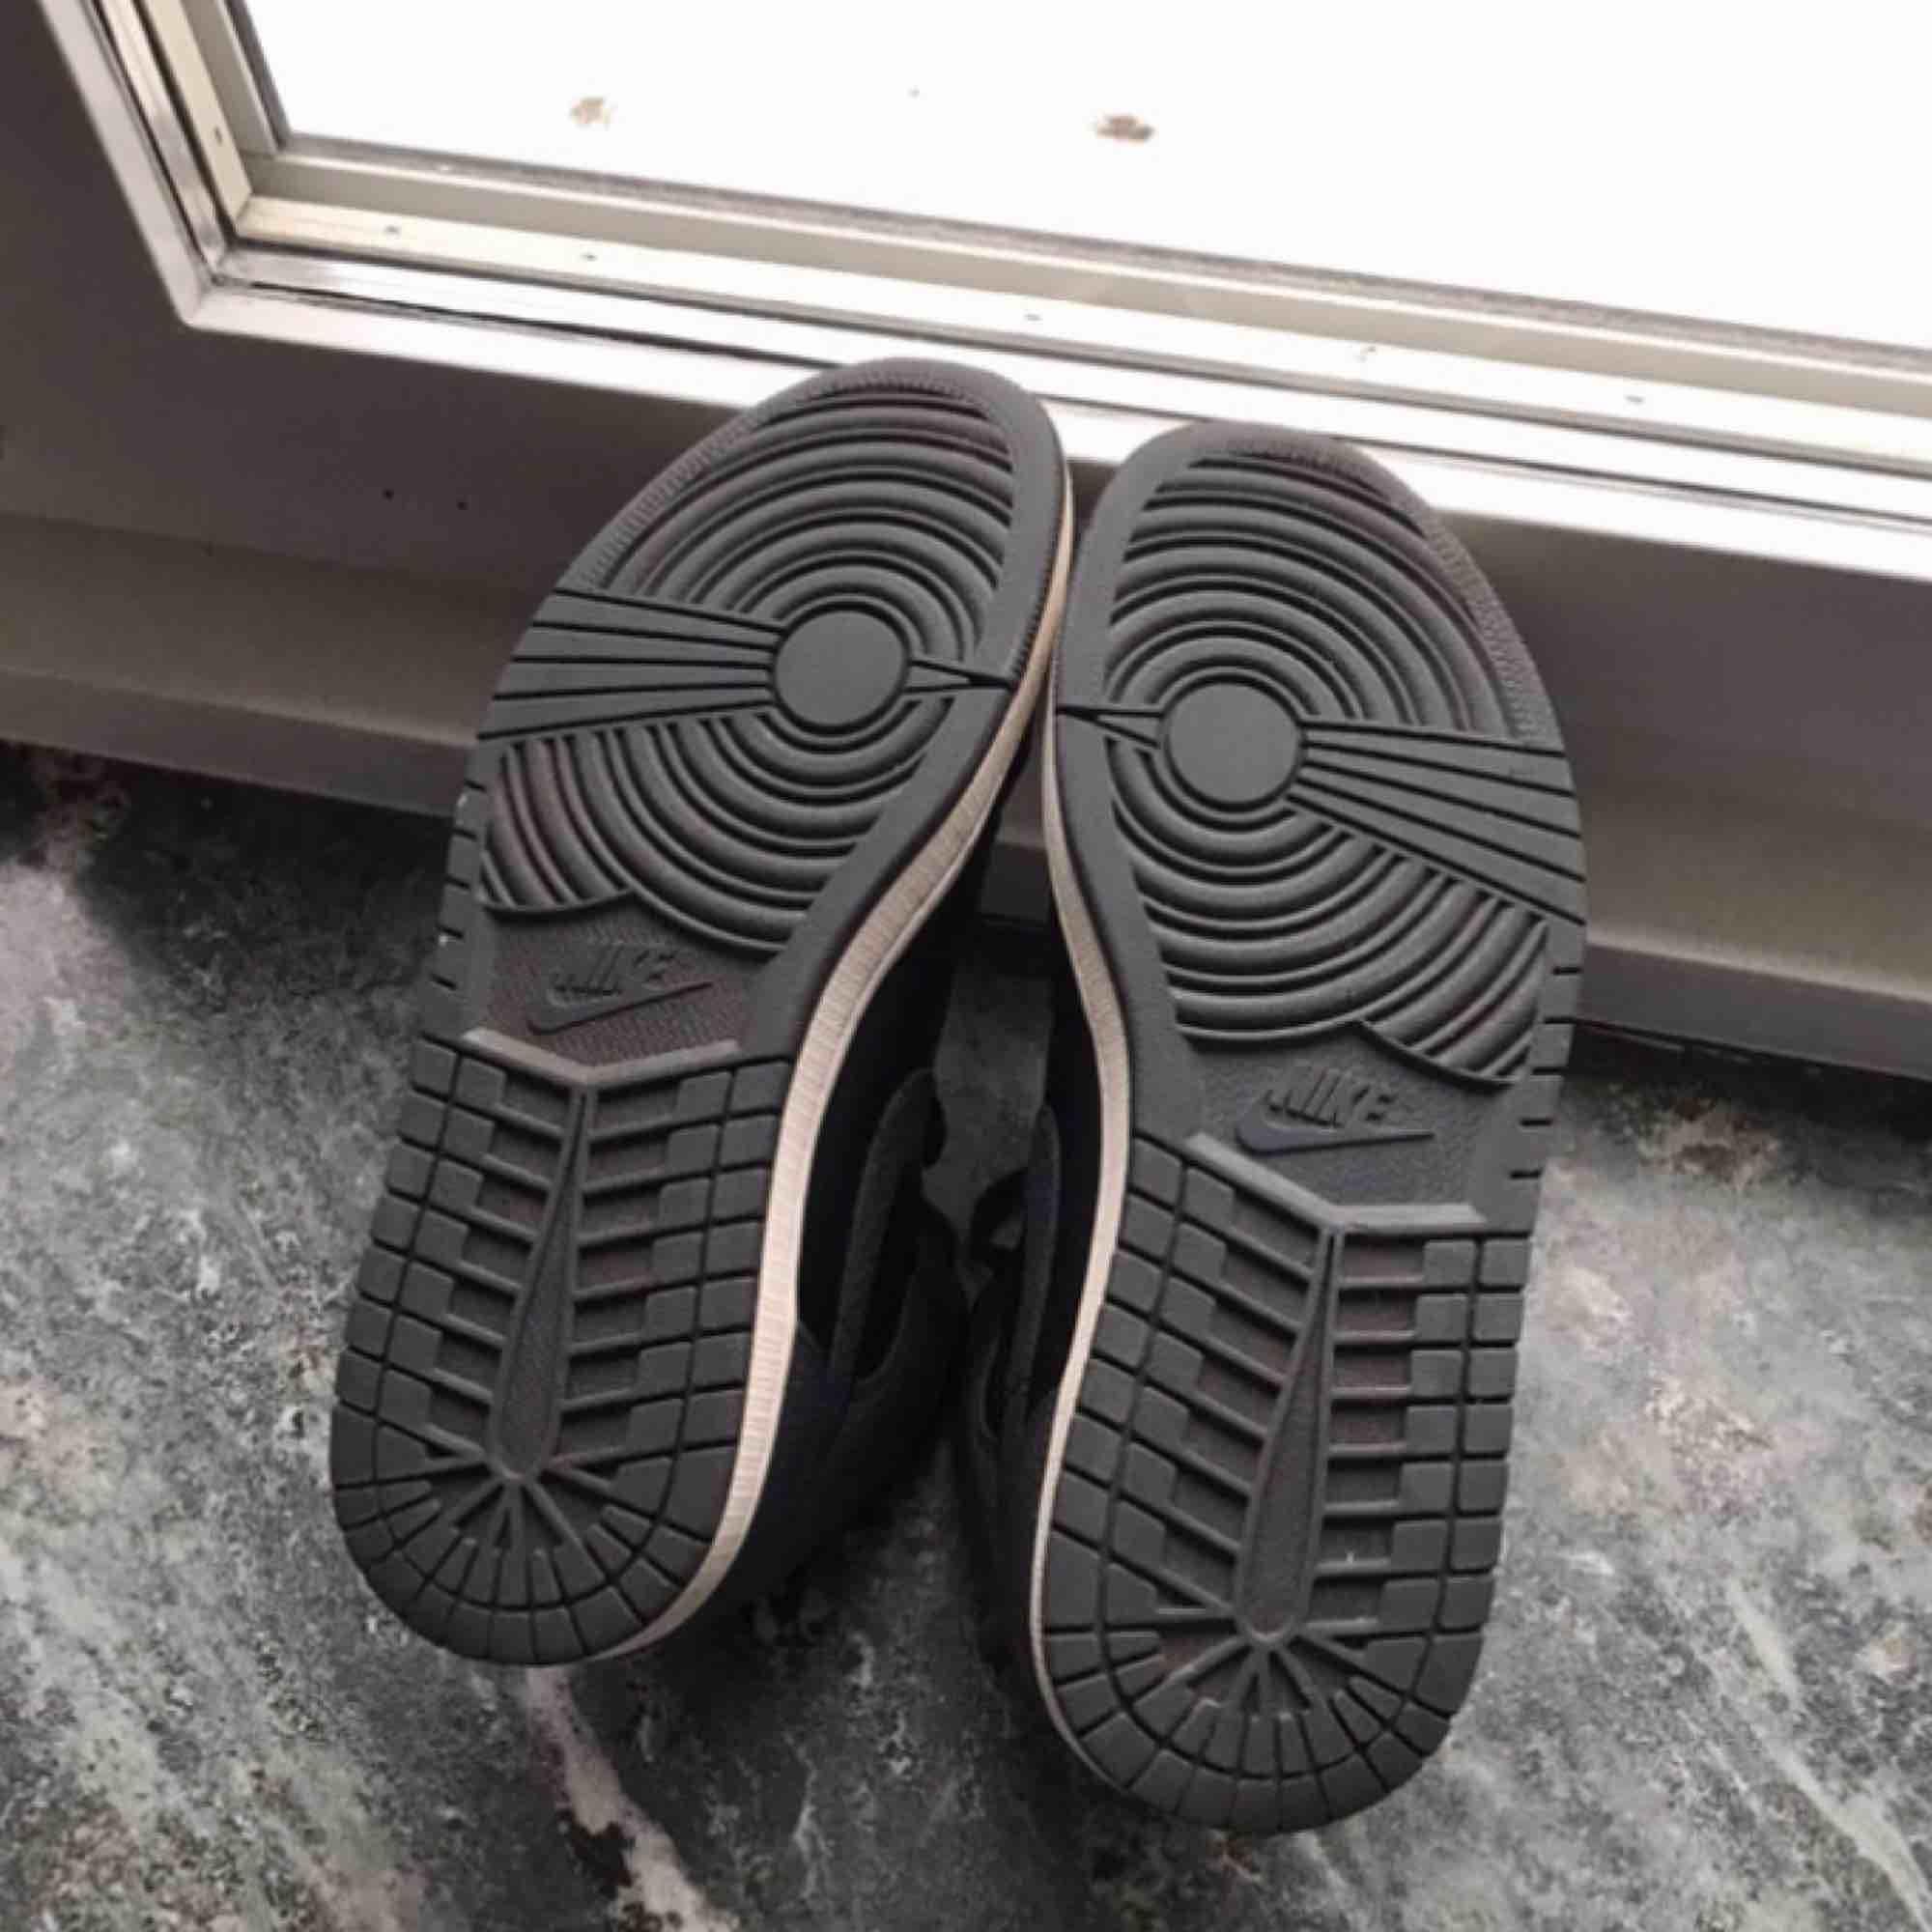 Jordan 1 Mid shadow colorway grå svart vit  Size 42.5 EU 9 US Lite använda och smått slitage på hälen men mycket liv kvar i dem! Buda eller fråga på!. Skor.